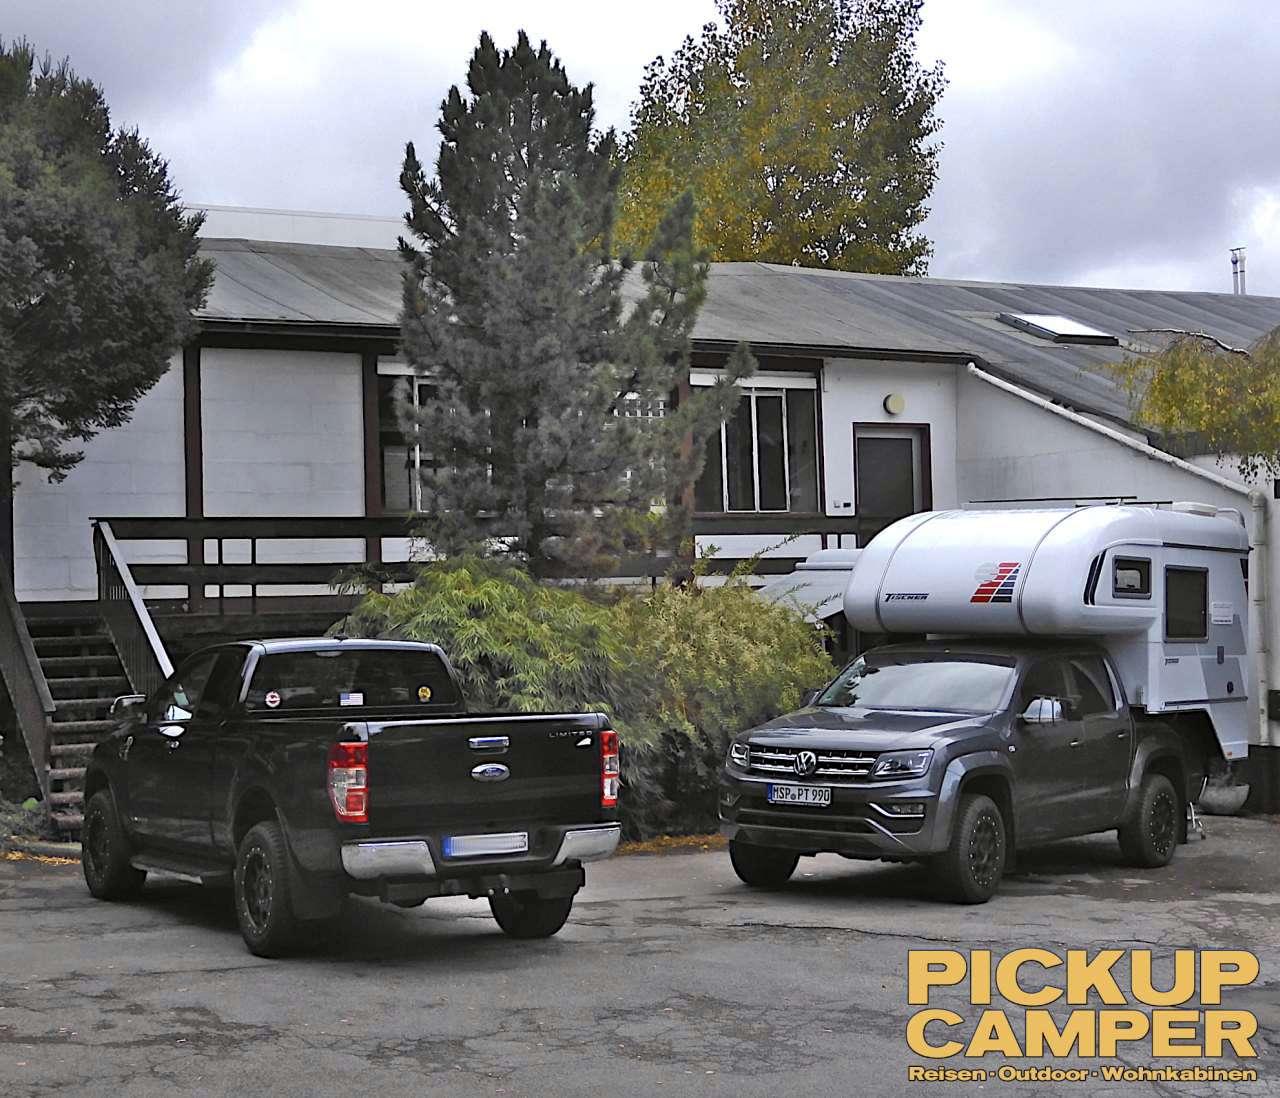 Pickup Camper Magazin Tischer Roadshow